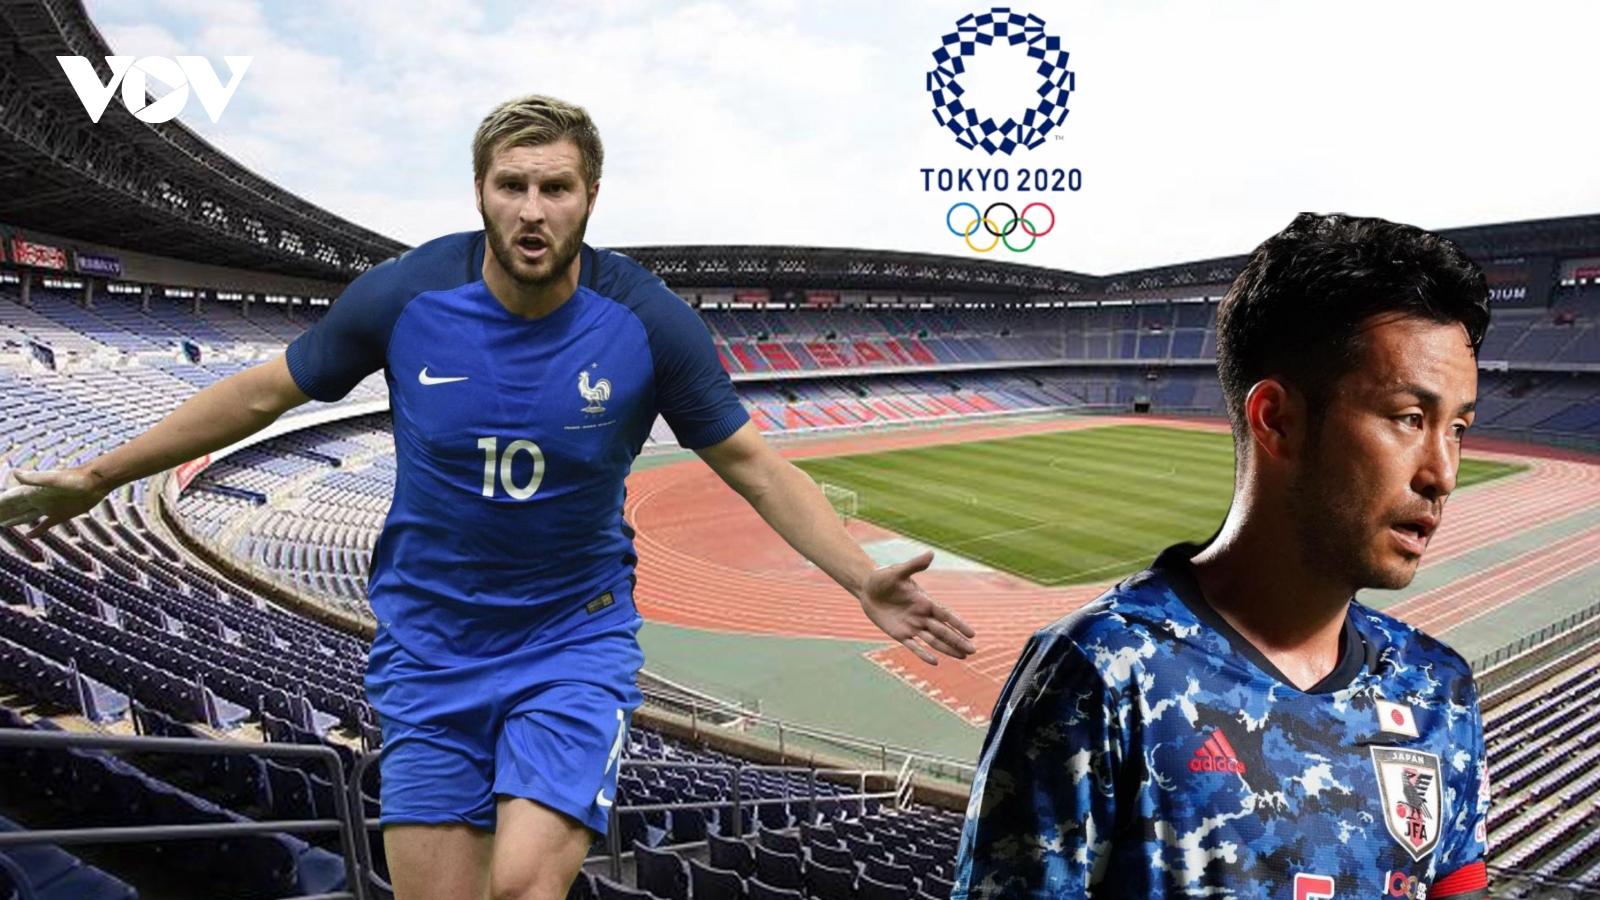 Dự đoán kết quả, đội hình xuất phát trận Olympic Pháp - Olympic Nhật Bản